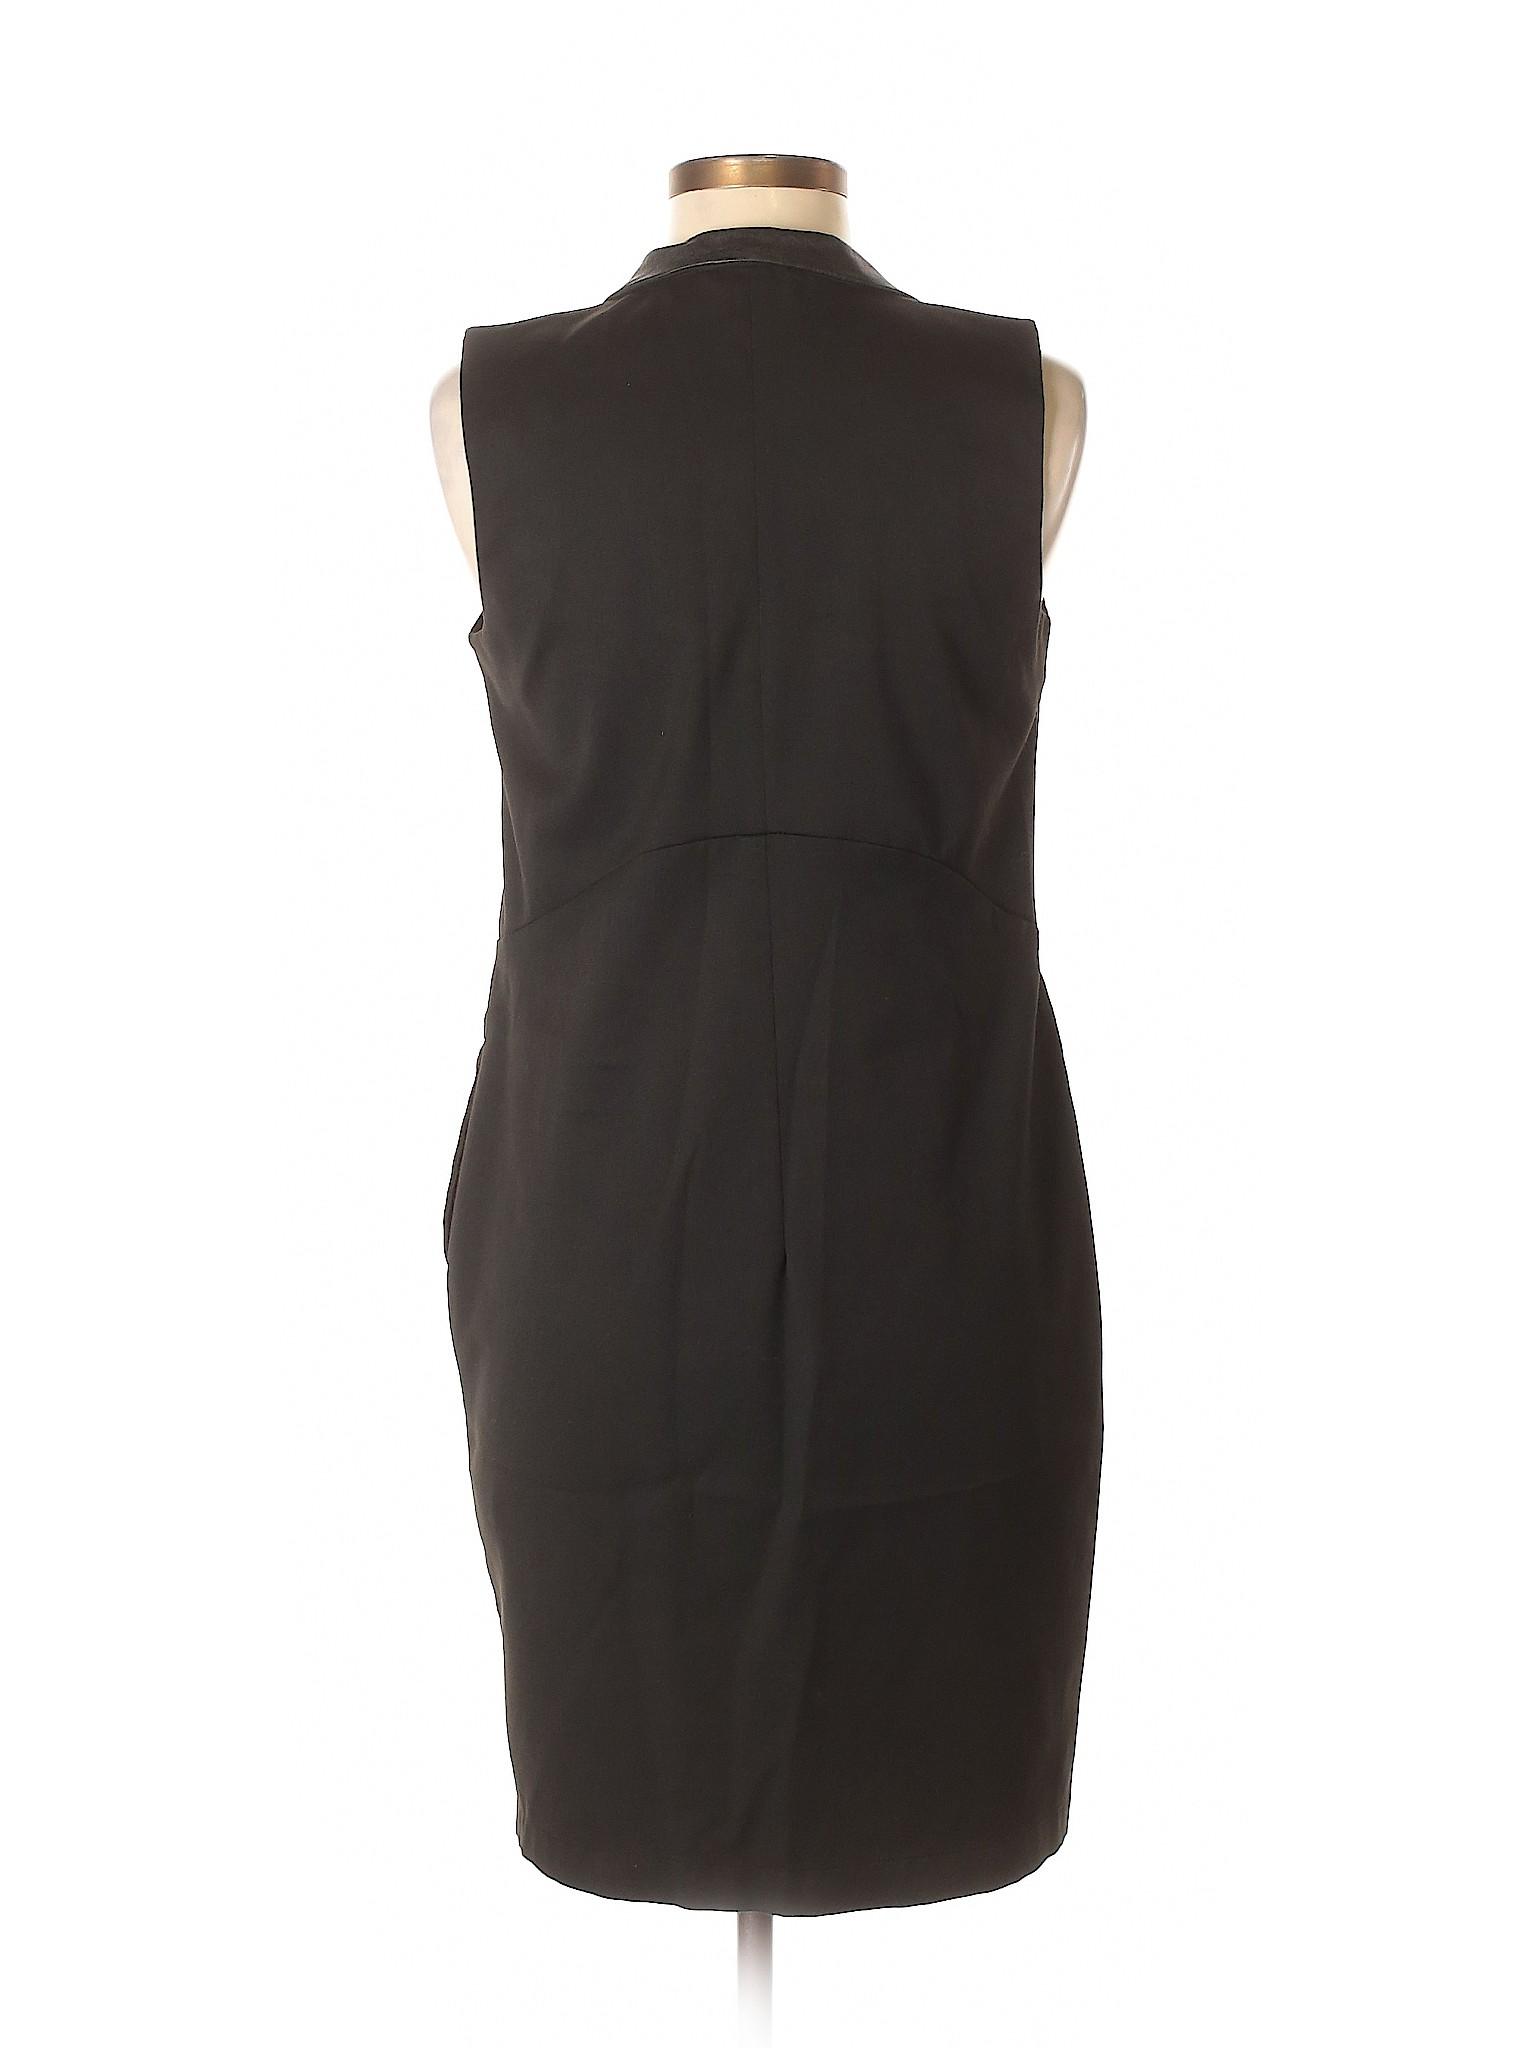 Boutique Dress H Casual amp;m Winter xq18rxP